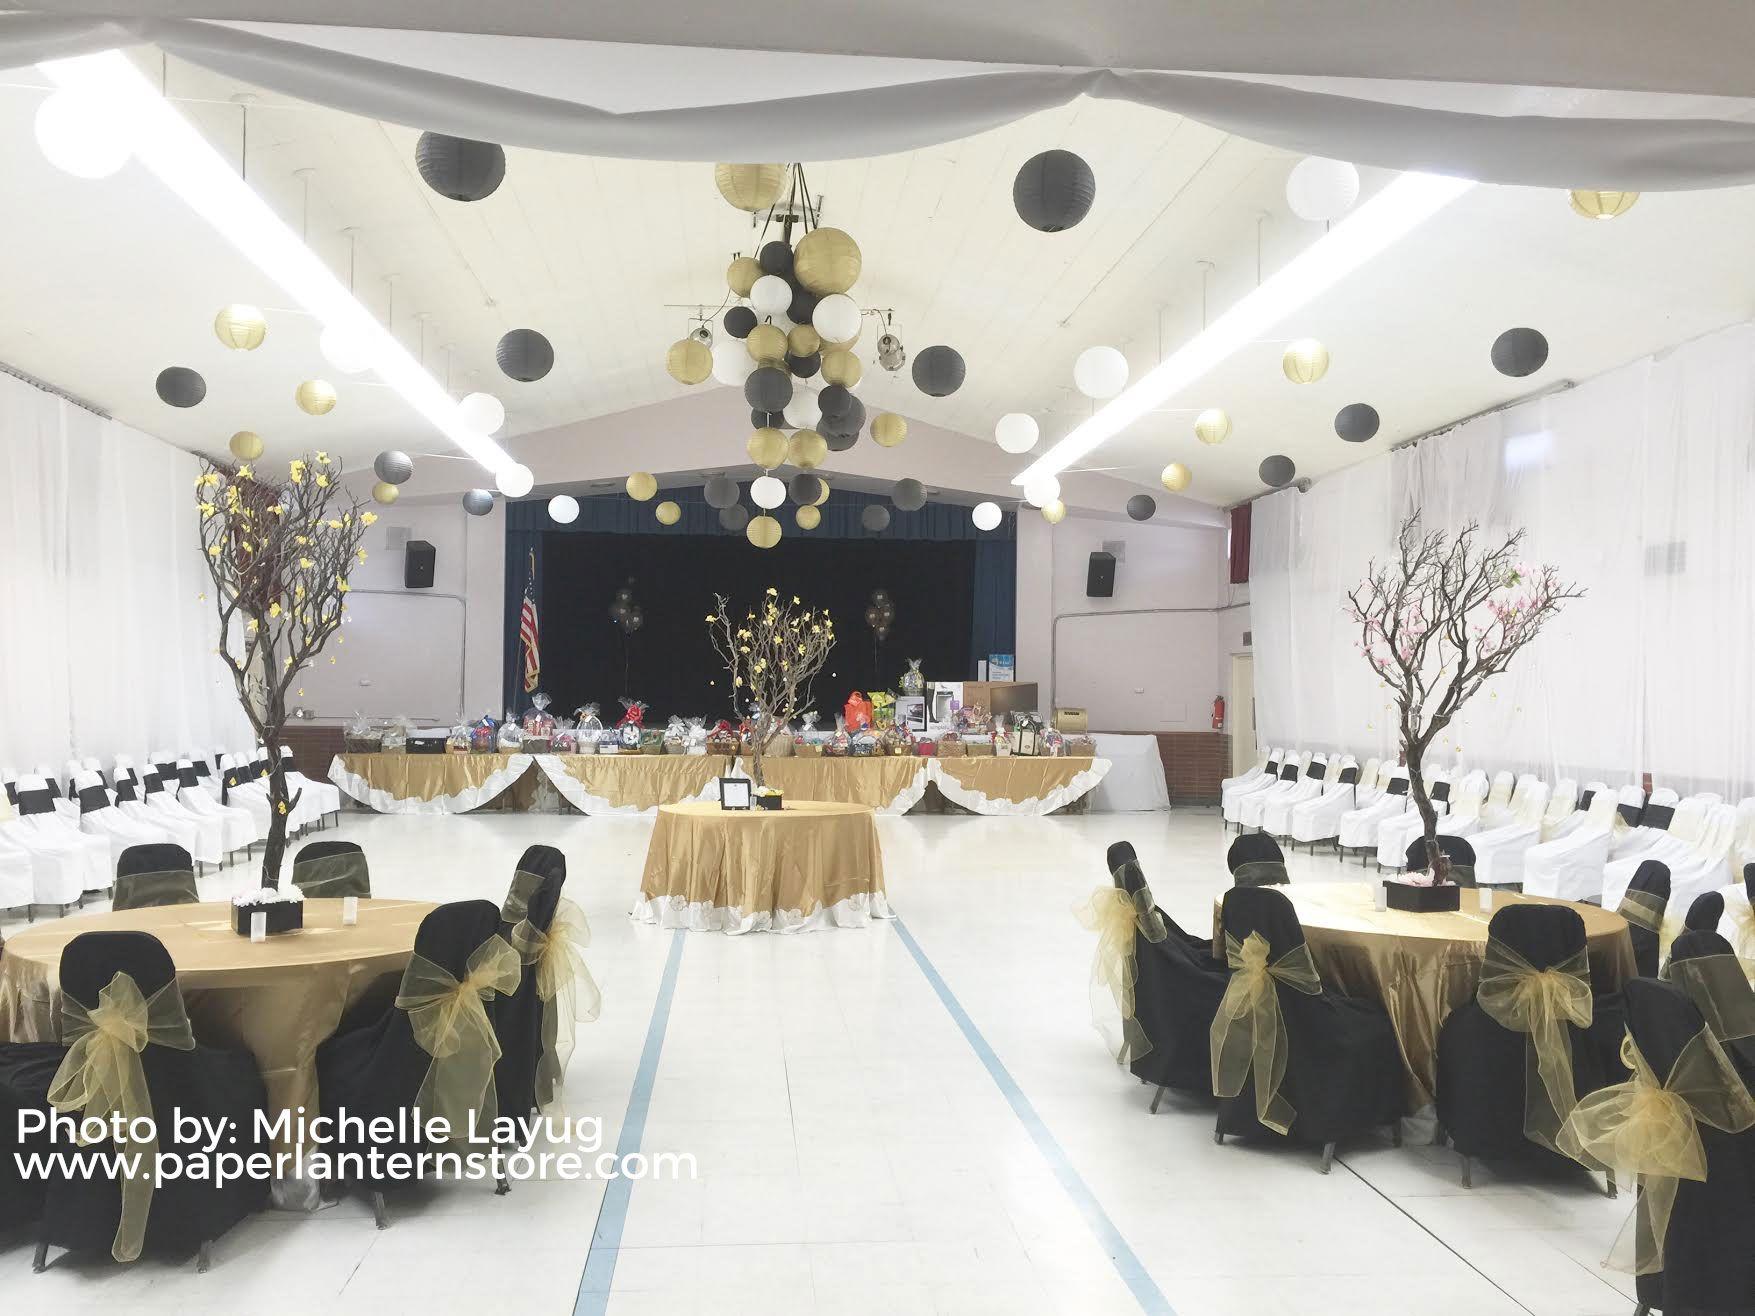 12 Gold Round Paper Lantern Even Ribbing Hanging Decoration